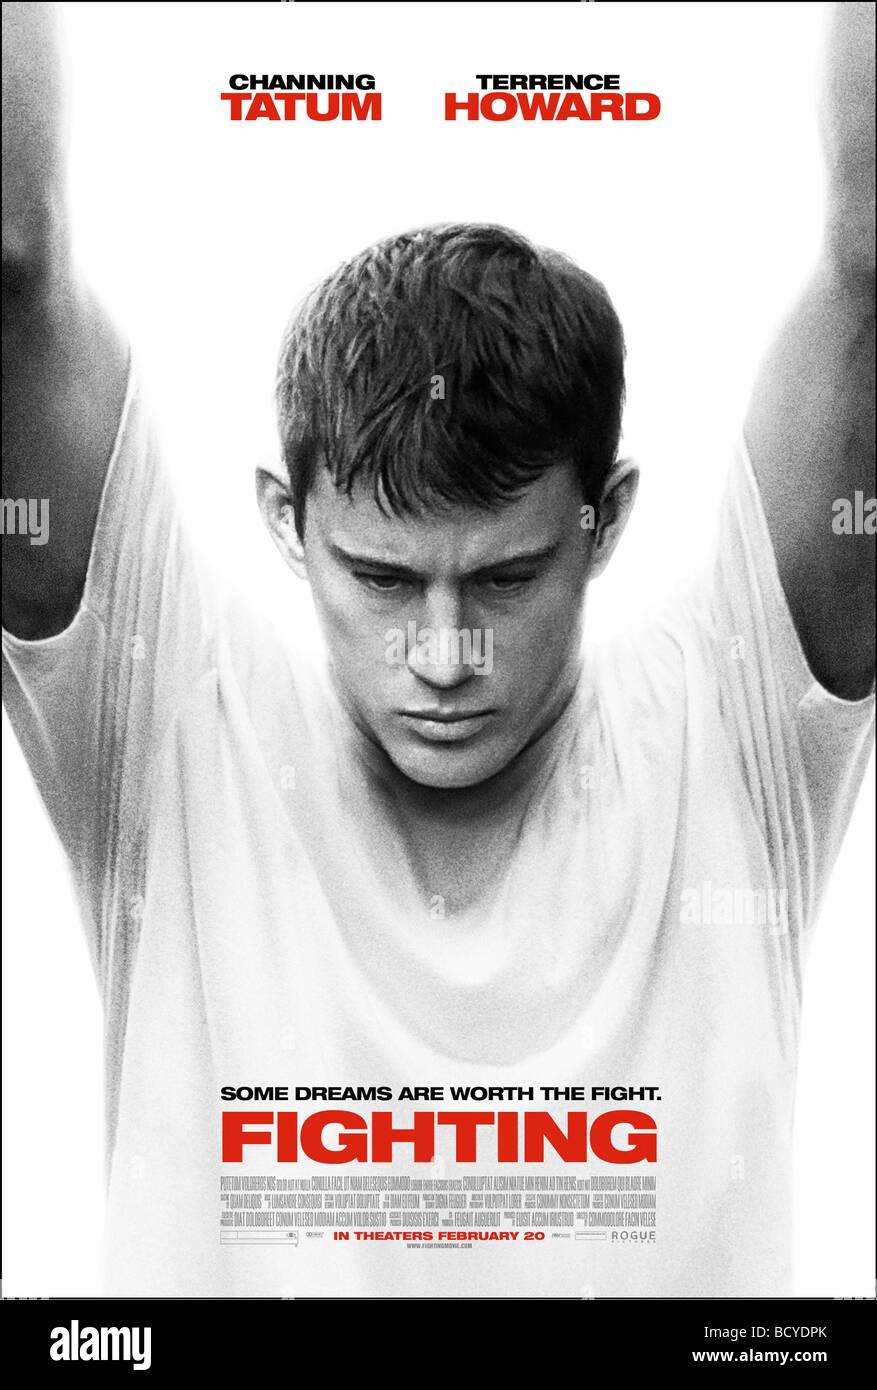 Combattimenti Anno : 2009 Direttore : Dito Montiel Channing Tatum poster (USA) Immagini Stock